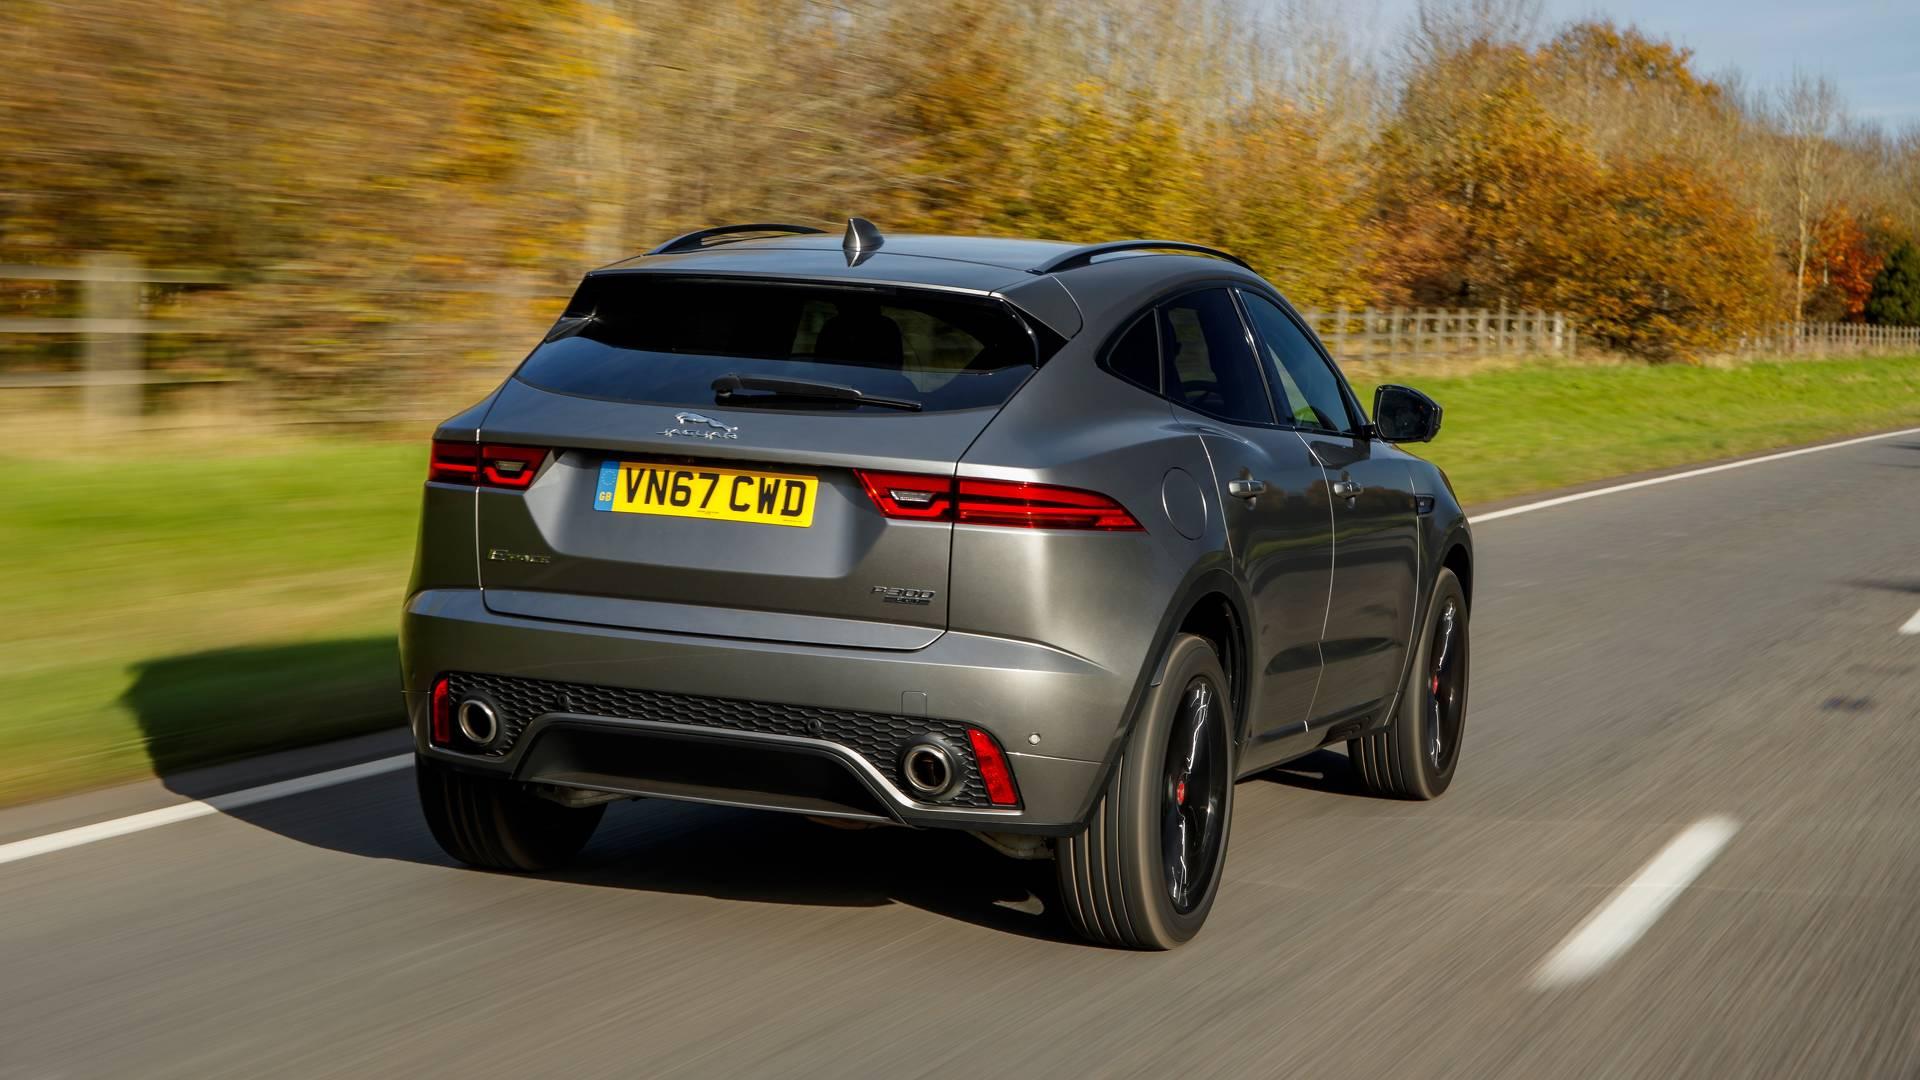 VWVortex.com - 2018 Jaguar E-Pace crossover revealed with ...